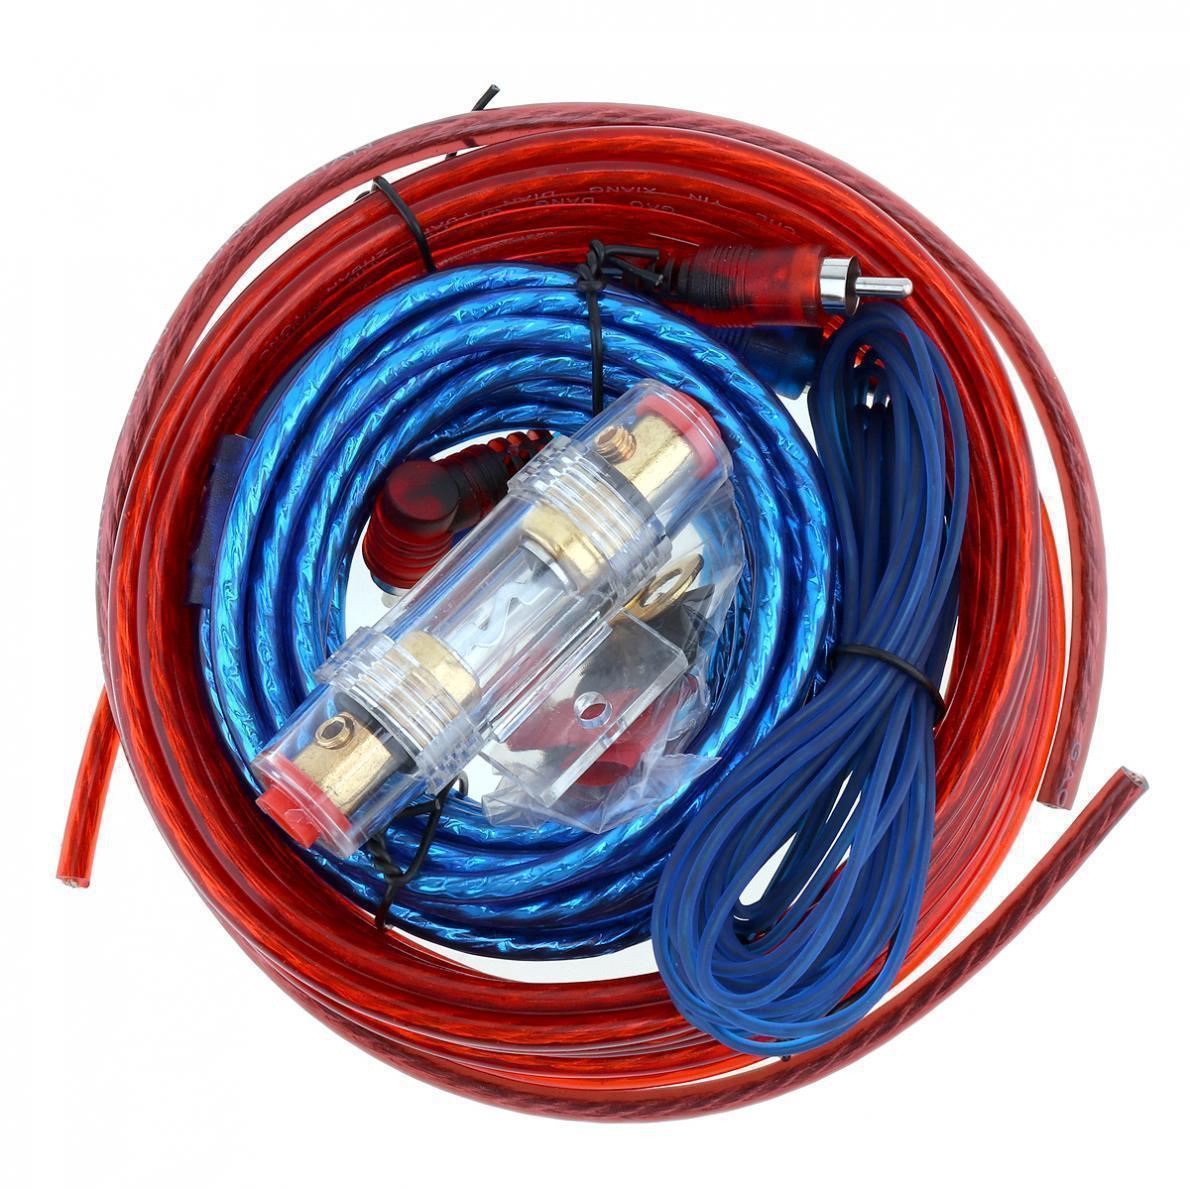 Комплект проводів для сабвуфера SX8GA   Дроти для підключення підсилювача для сабвуфера